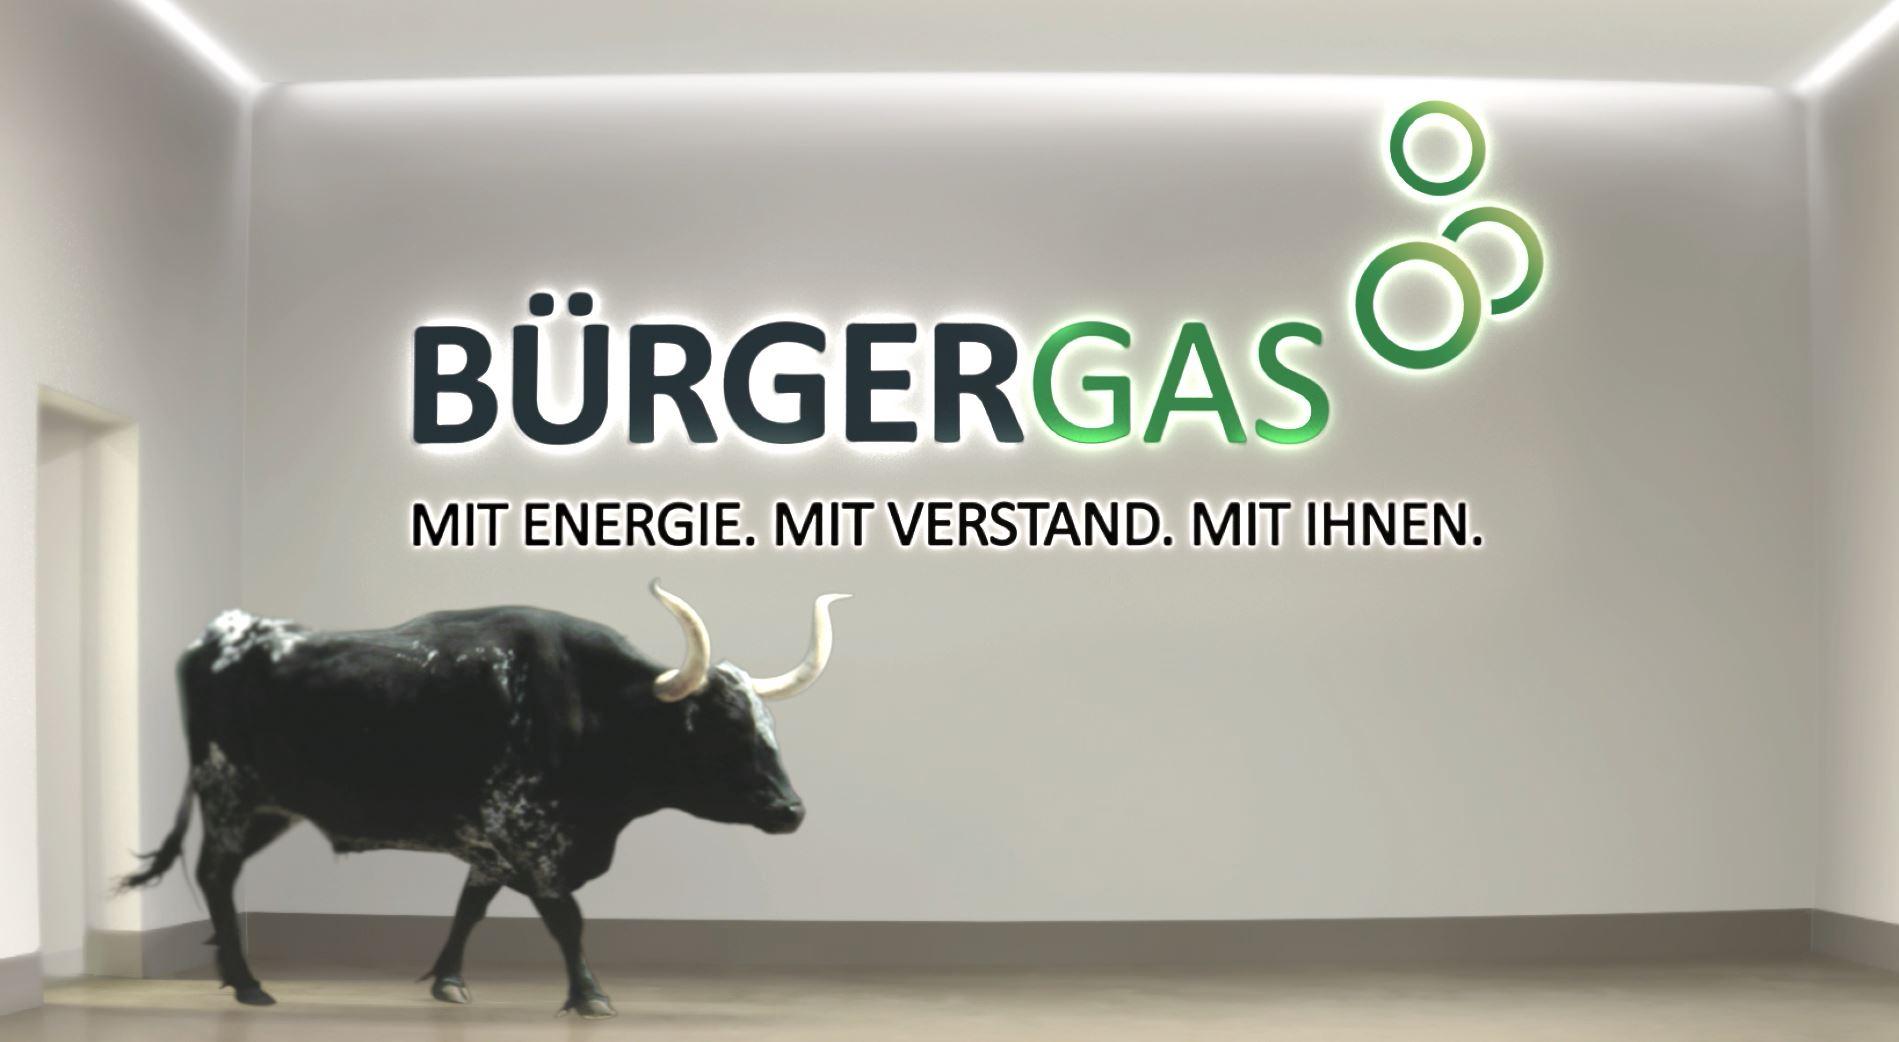 BürgerGas GmbH